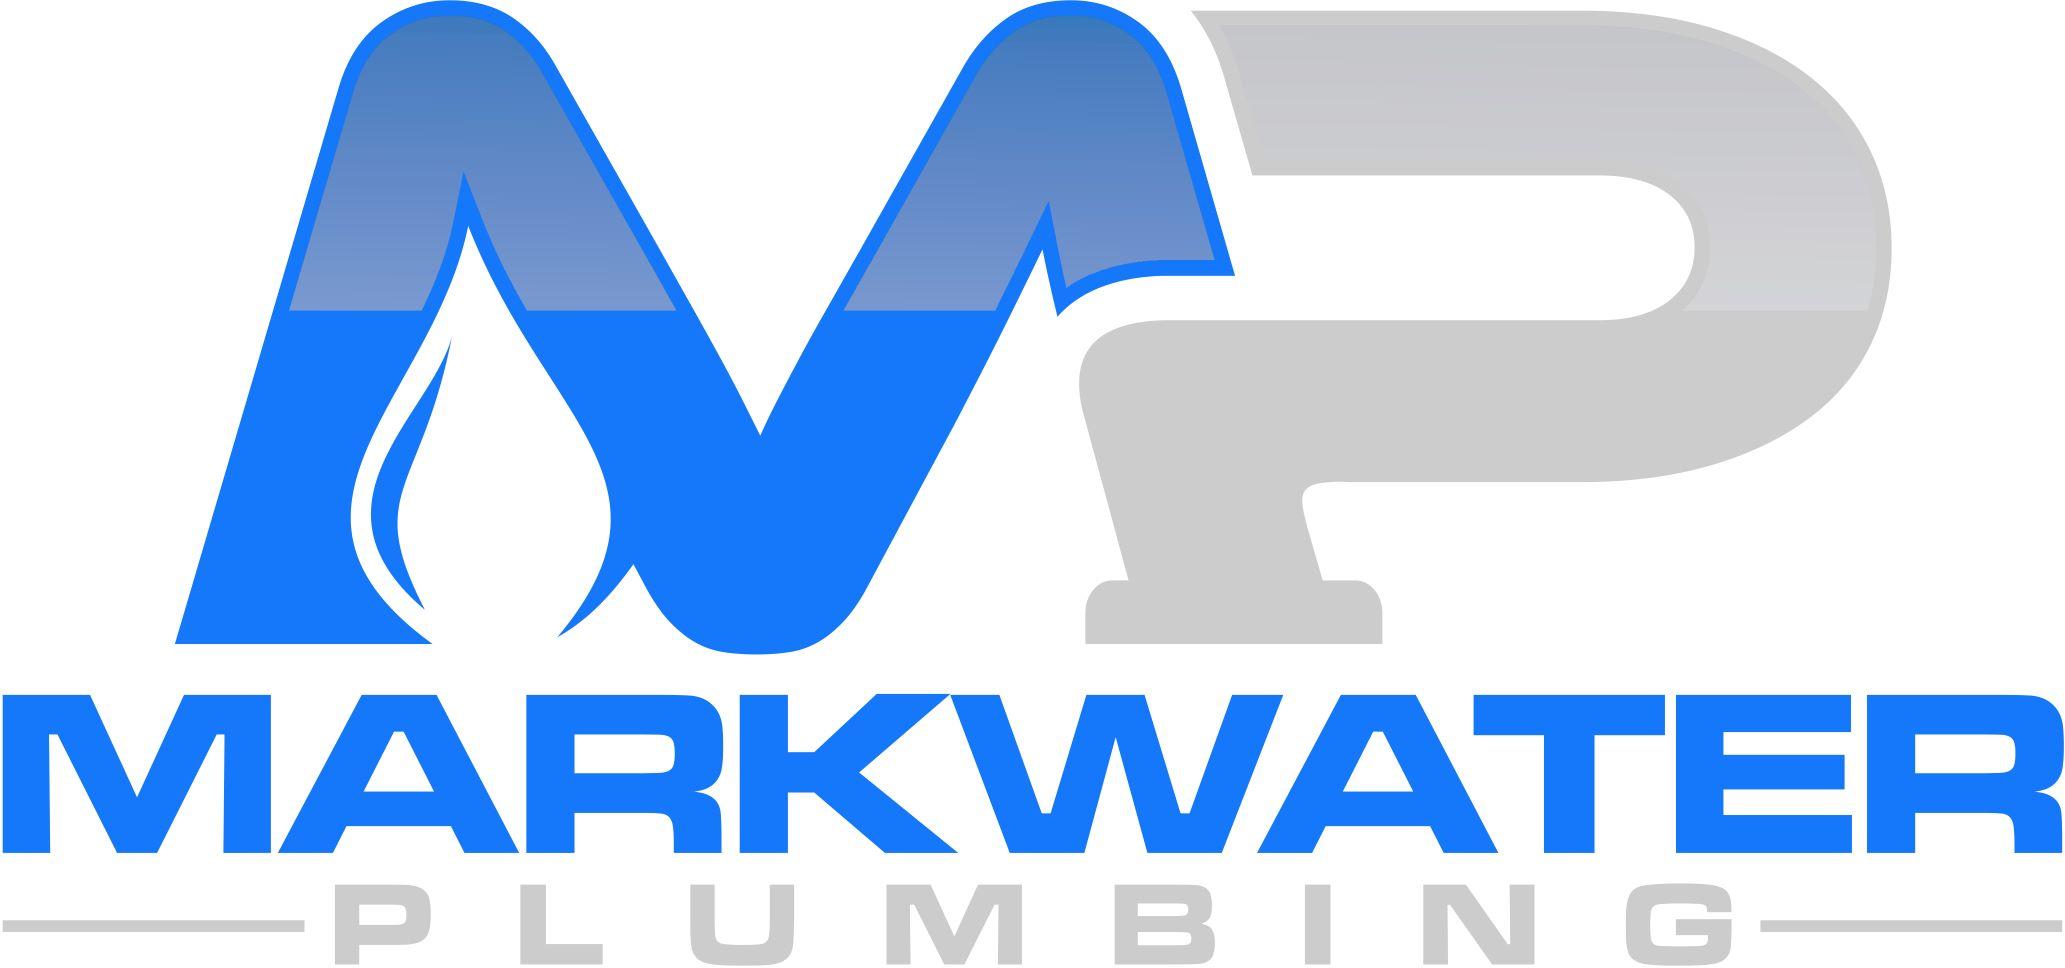 markwaterplumbing-upl